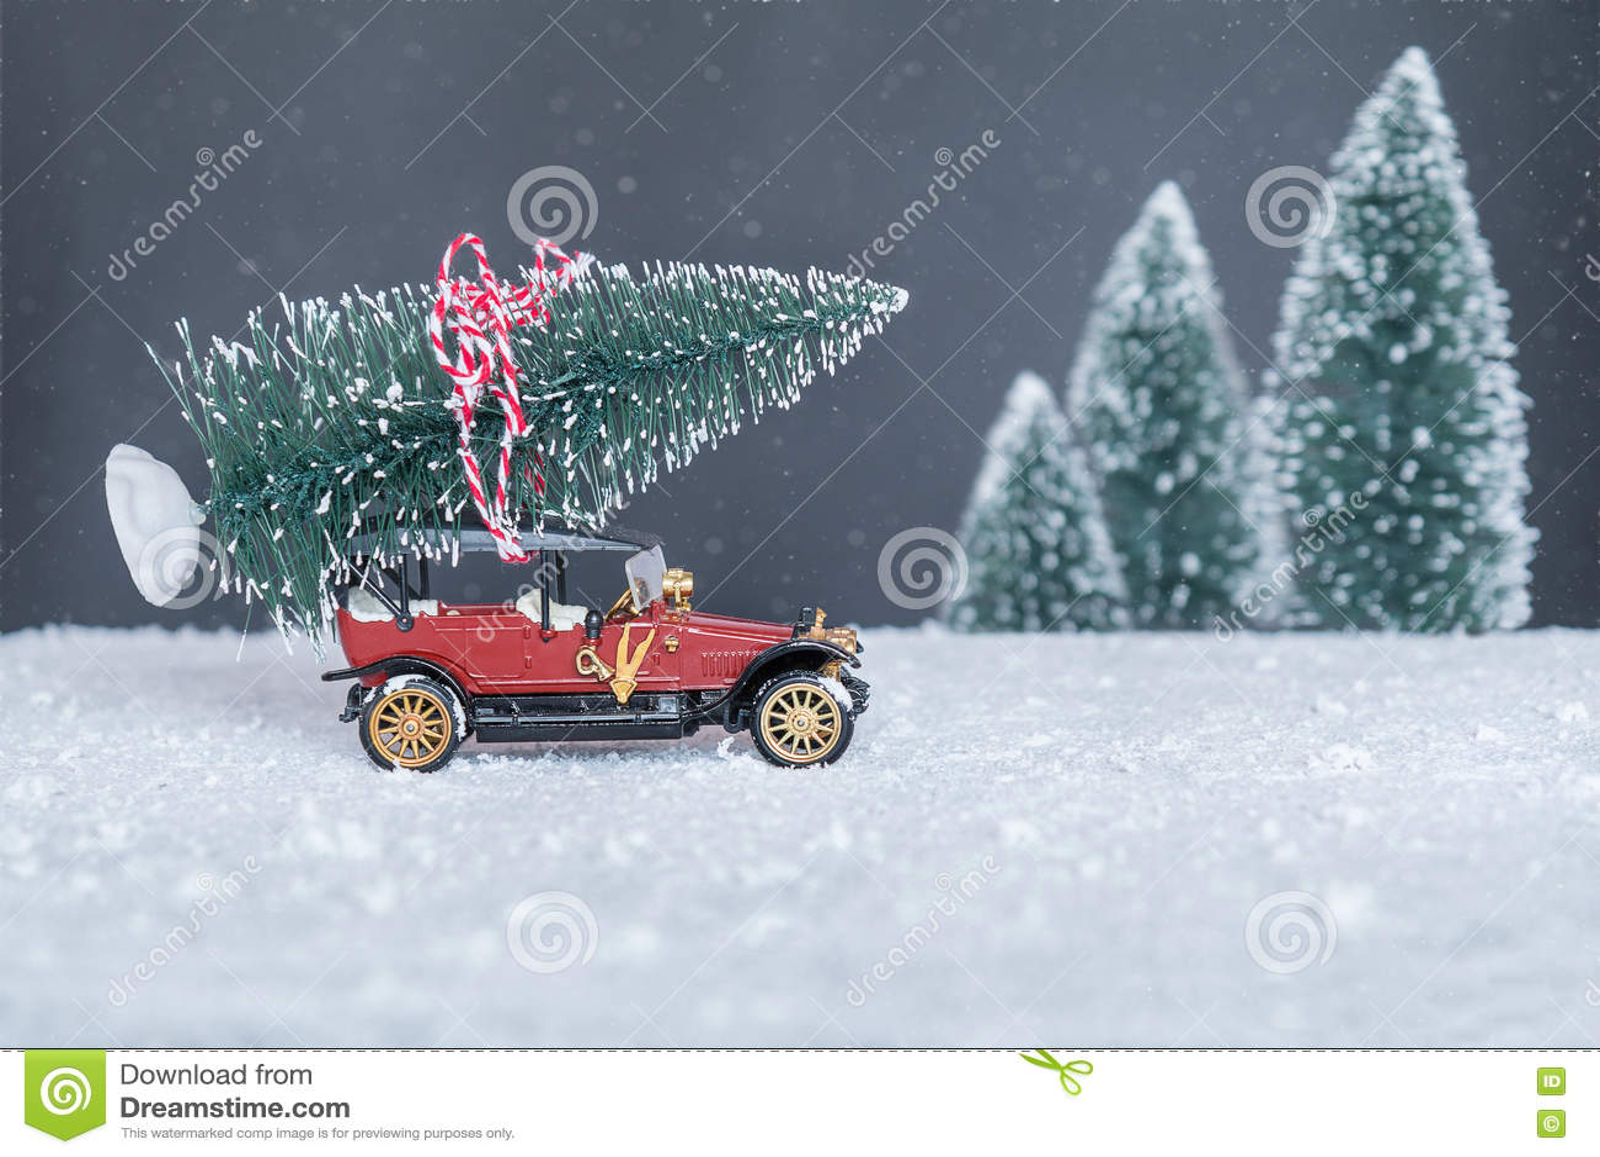 Auto Weihnachtsbaum.Kleines Retro Auto Mit Weihnachtsbaum Stockbild Bild Von